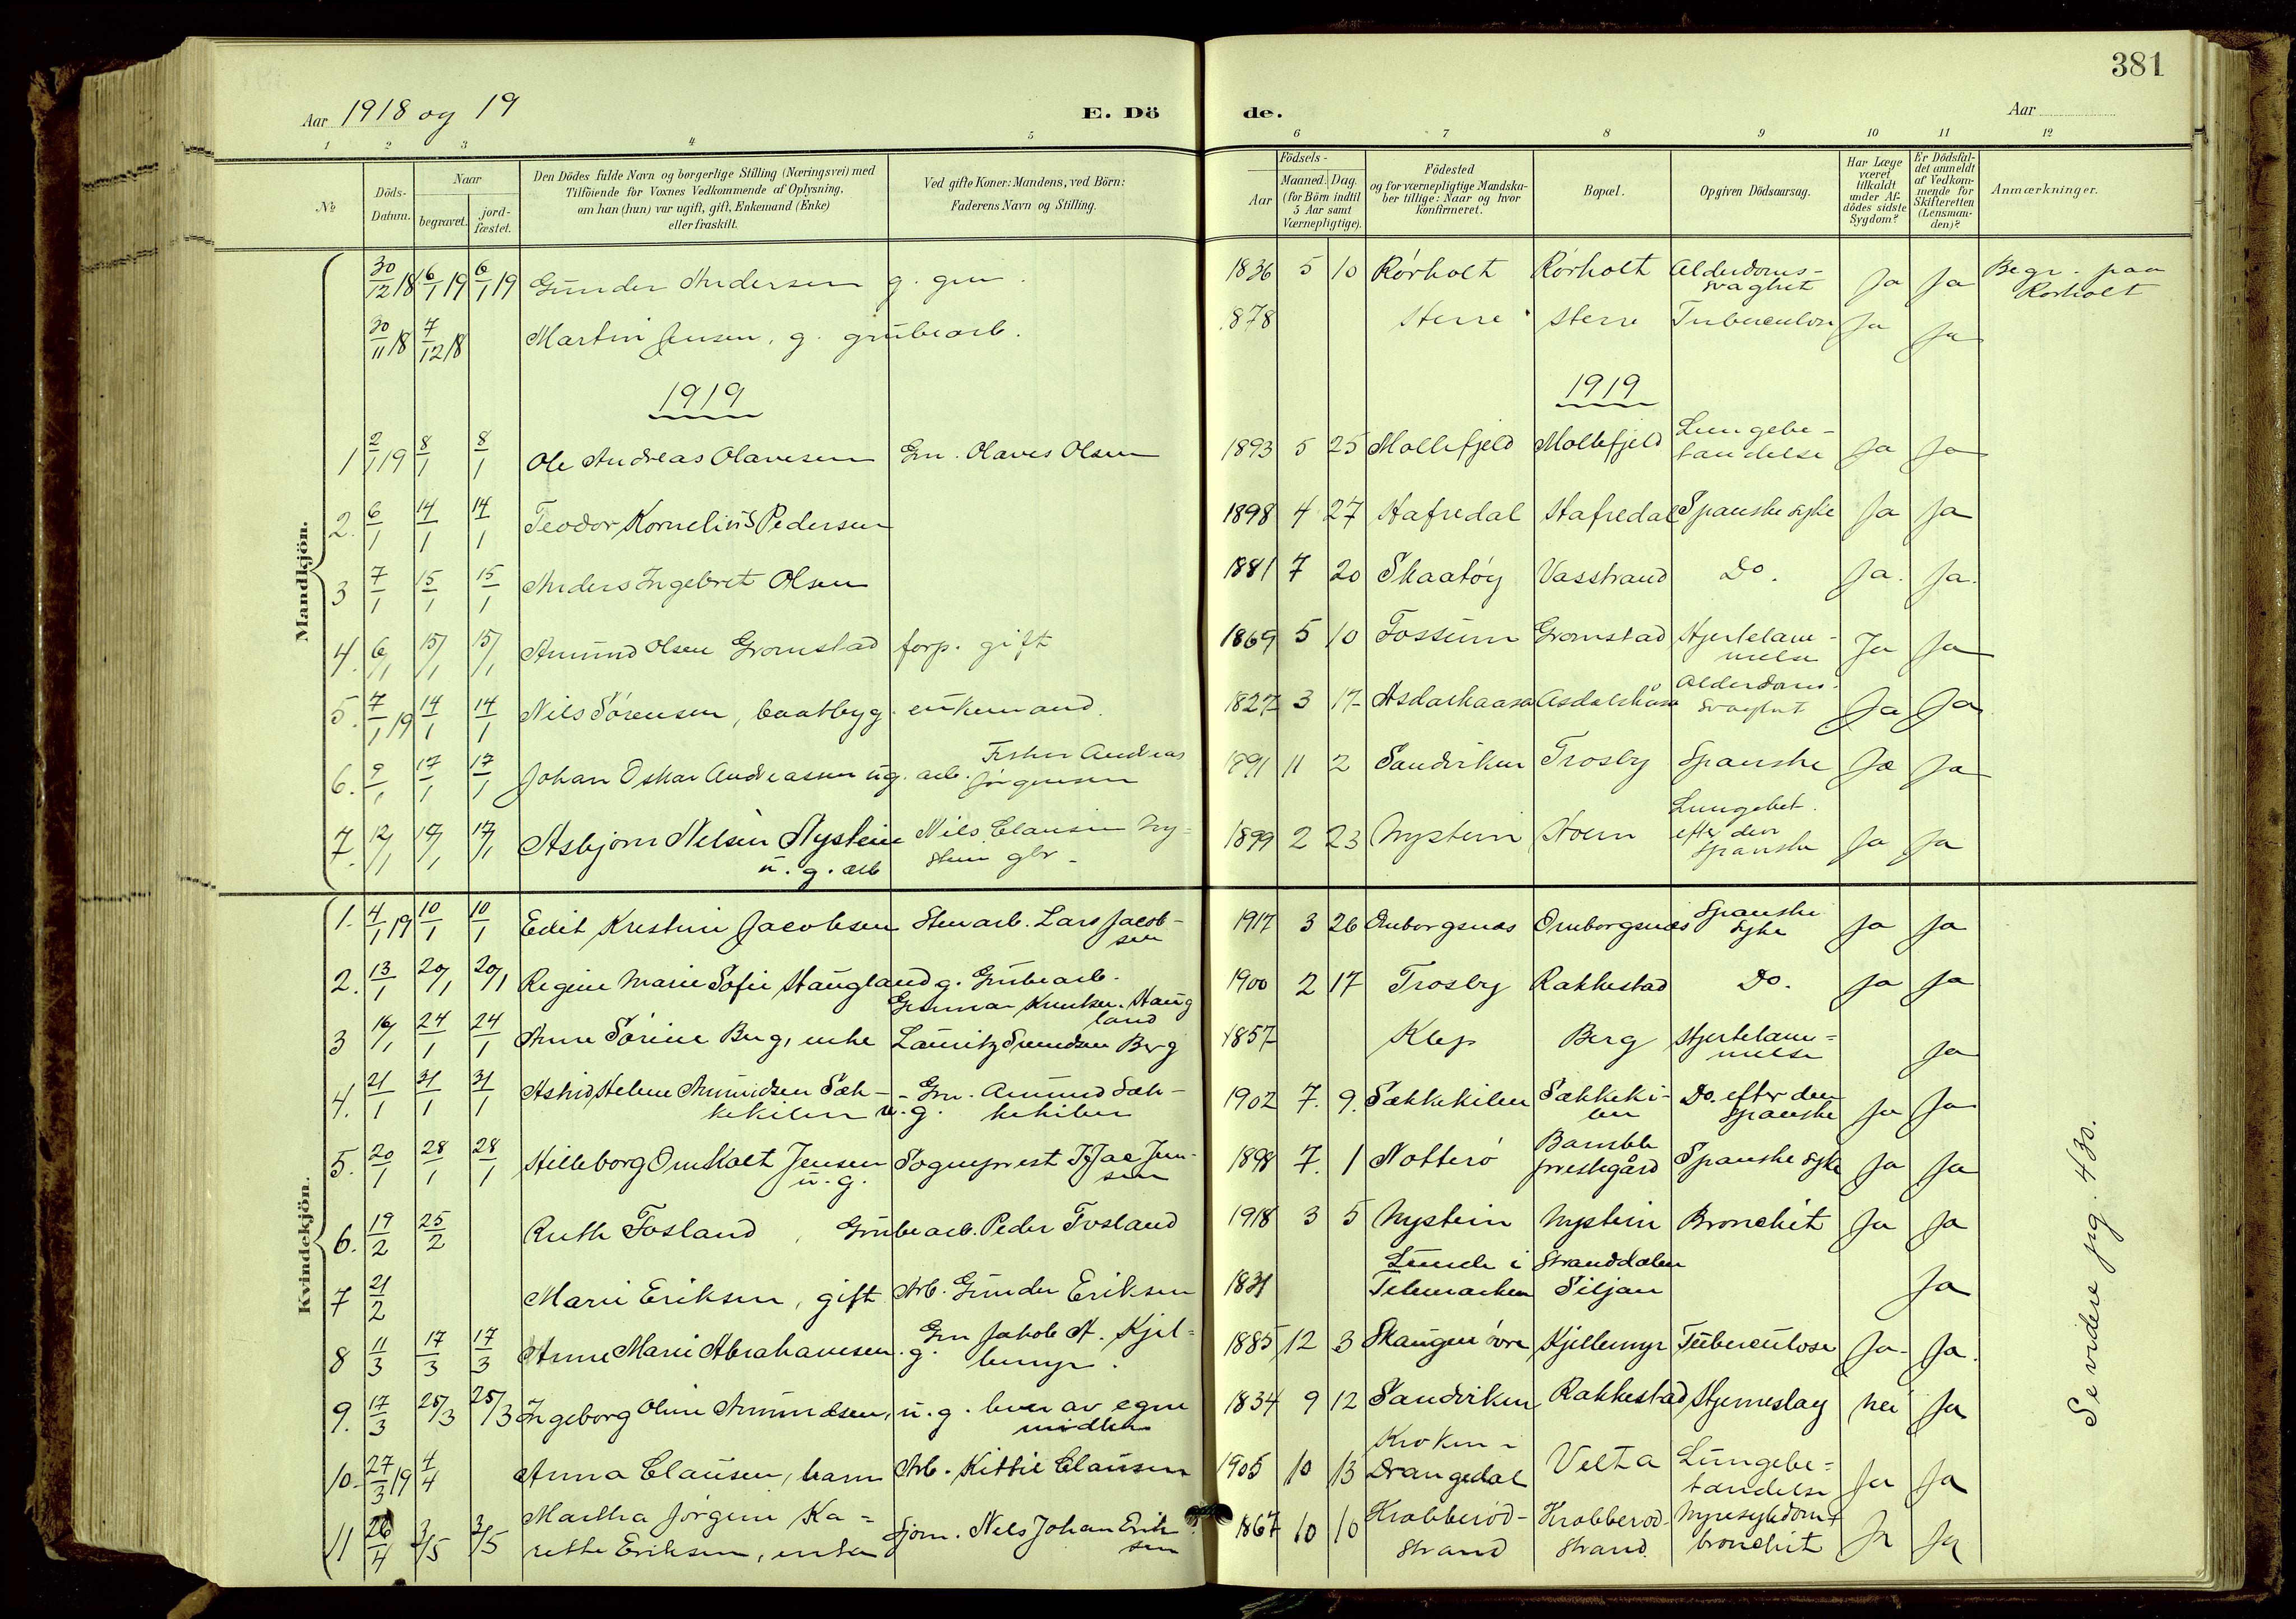 SAKO, Bamble kirkebøker, G/Ga/L0010: Klokkerbok nr. I 10, 1901-1919, s. 381